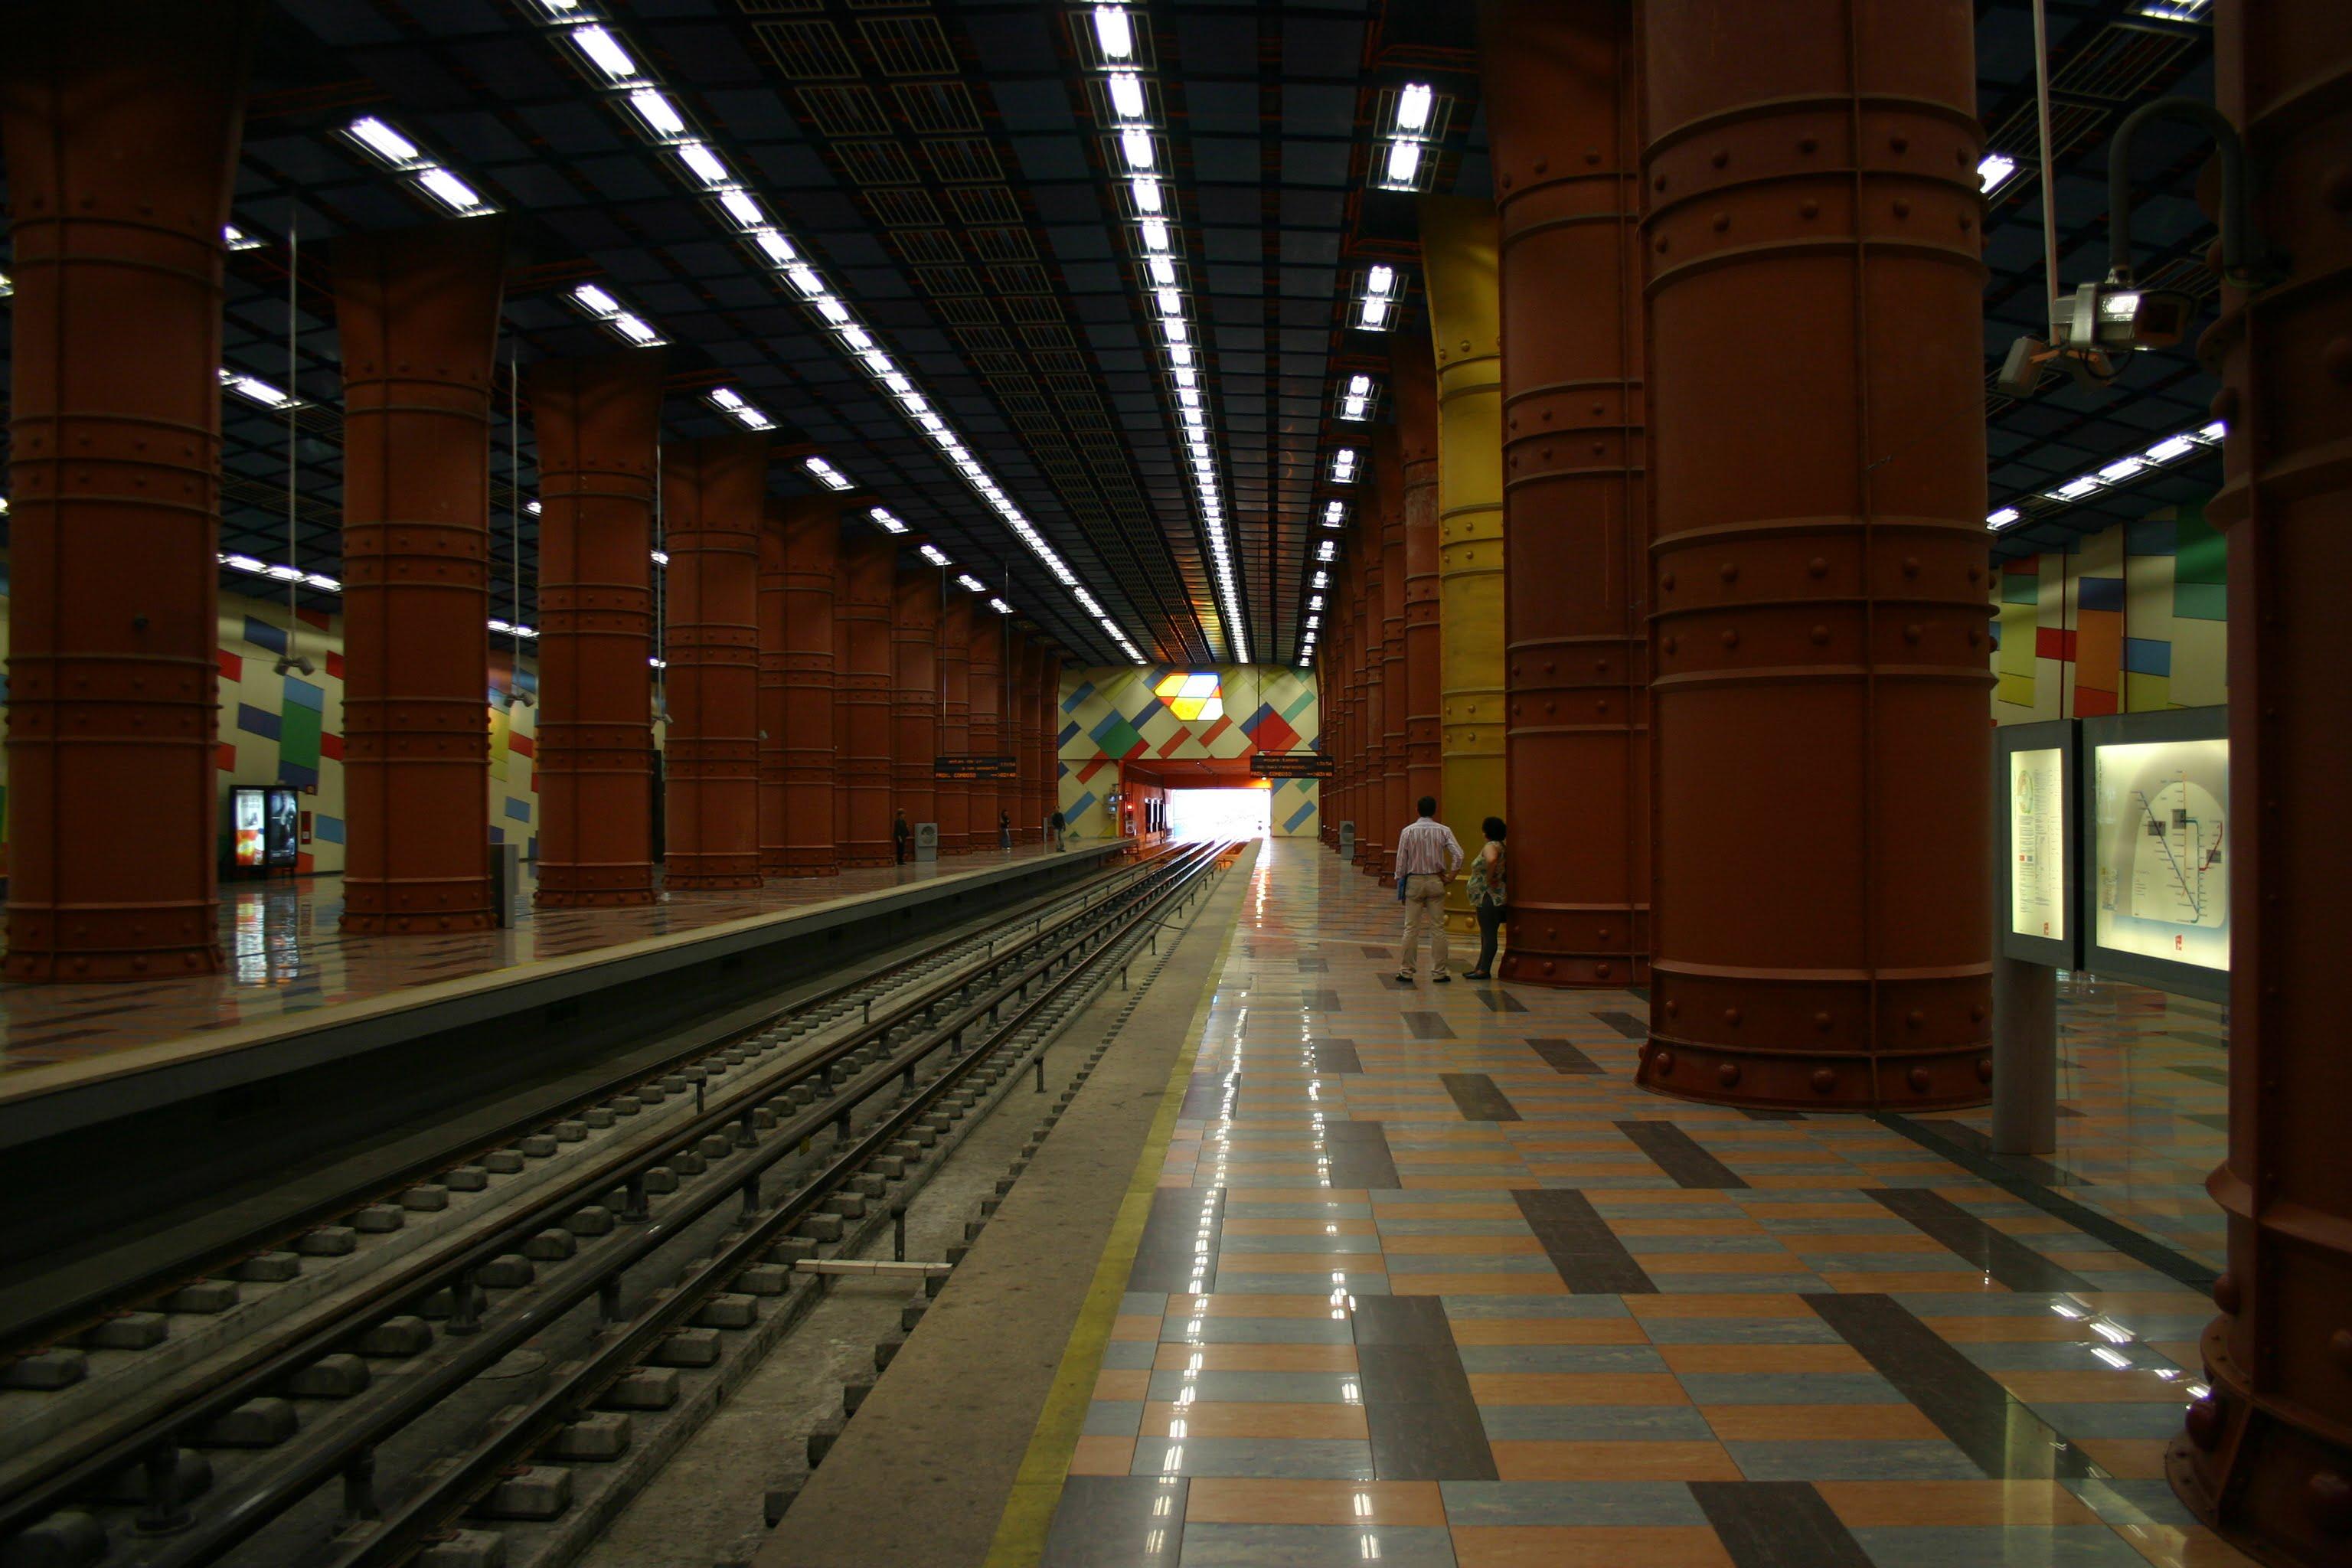 Parada de metro de Lisboa